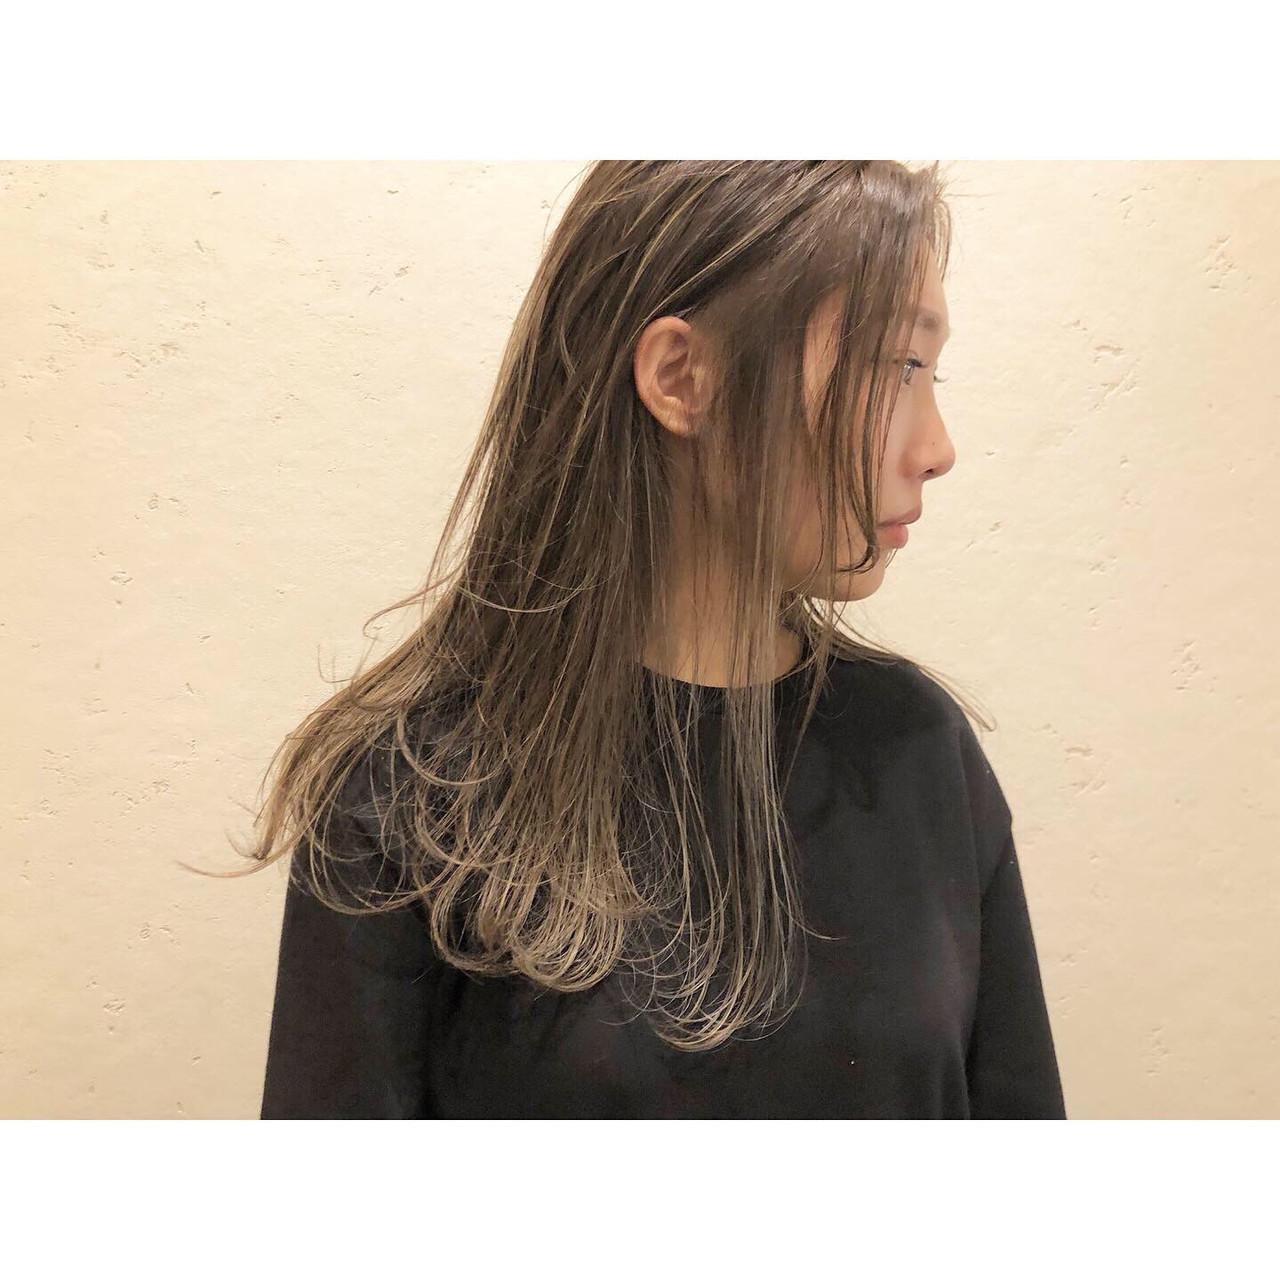 ハイライト ロング 花嫁 コントラストハイライト ヘアスタイルや髪型の写真・画像